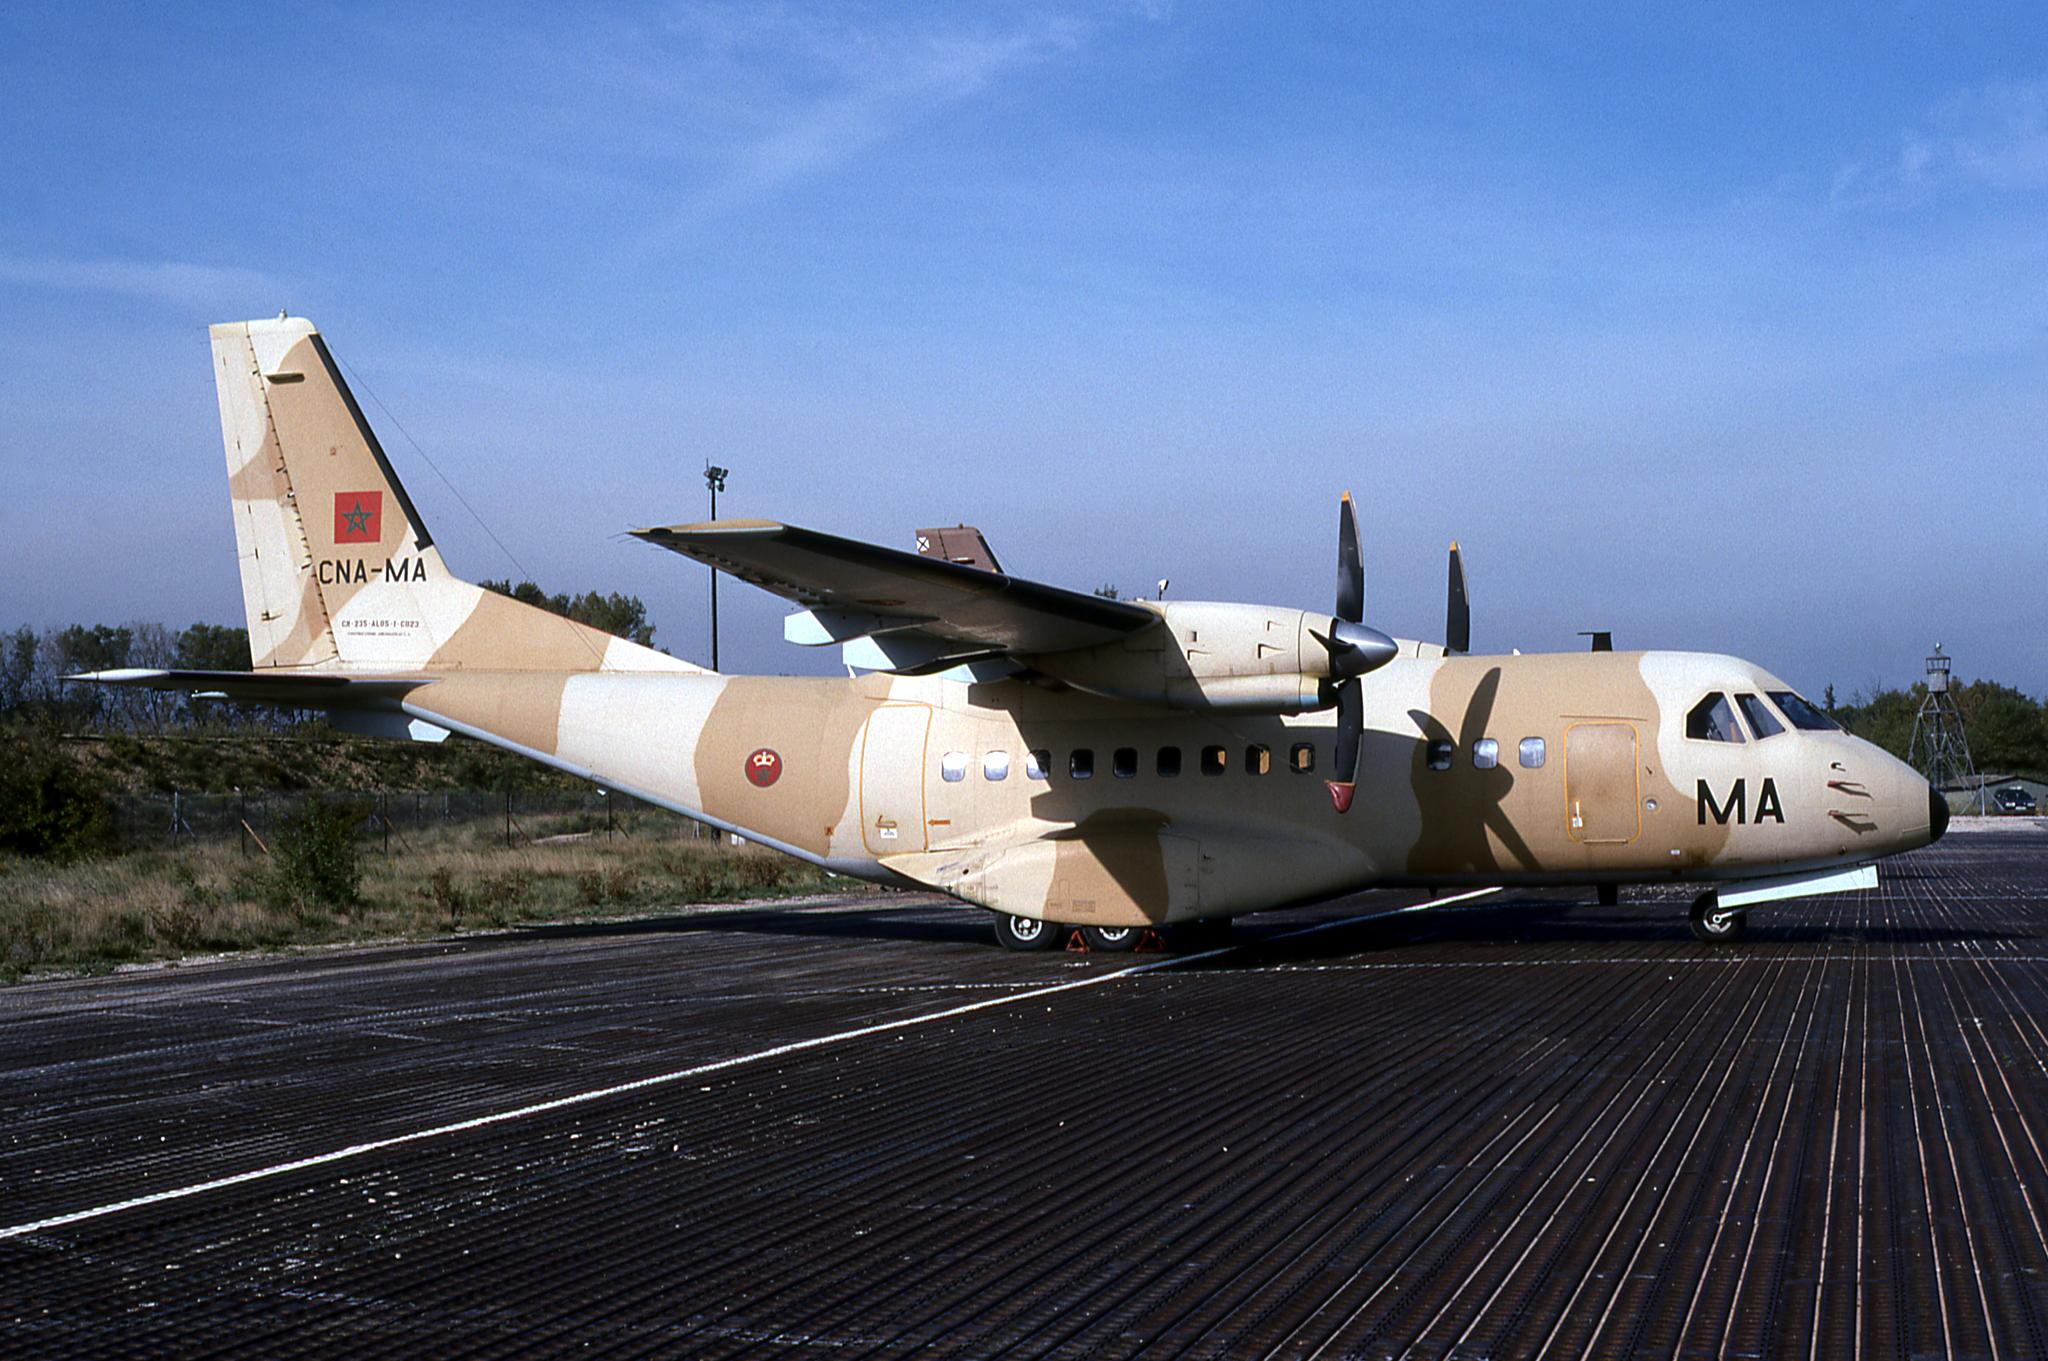 FRA: Photos d'avions de transport - Page 38 47814409881_5484a7cb78_o